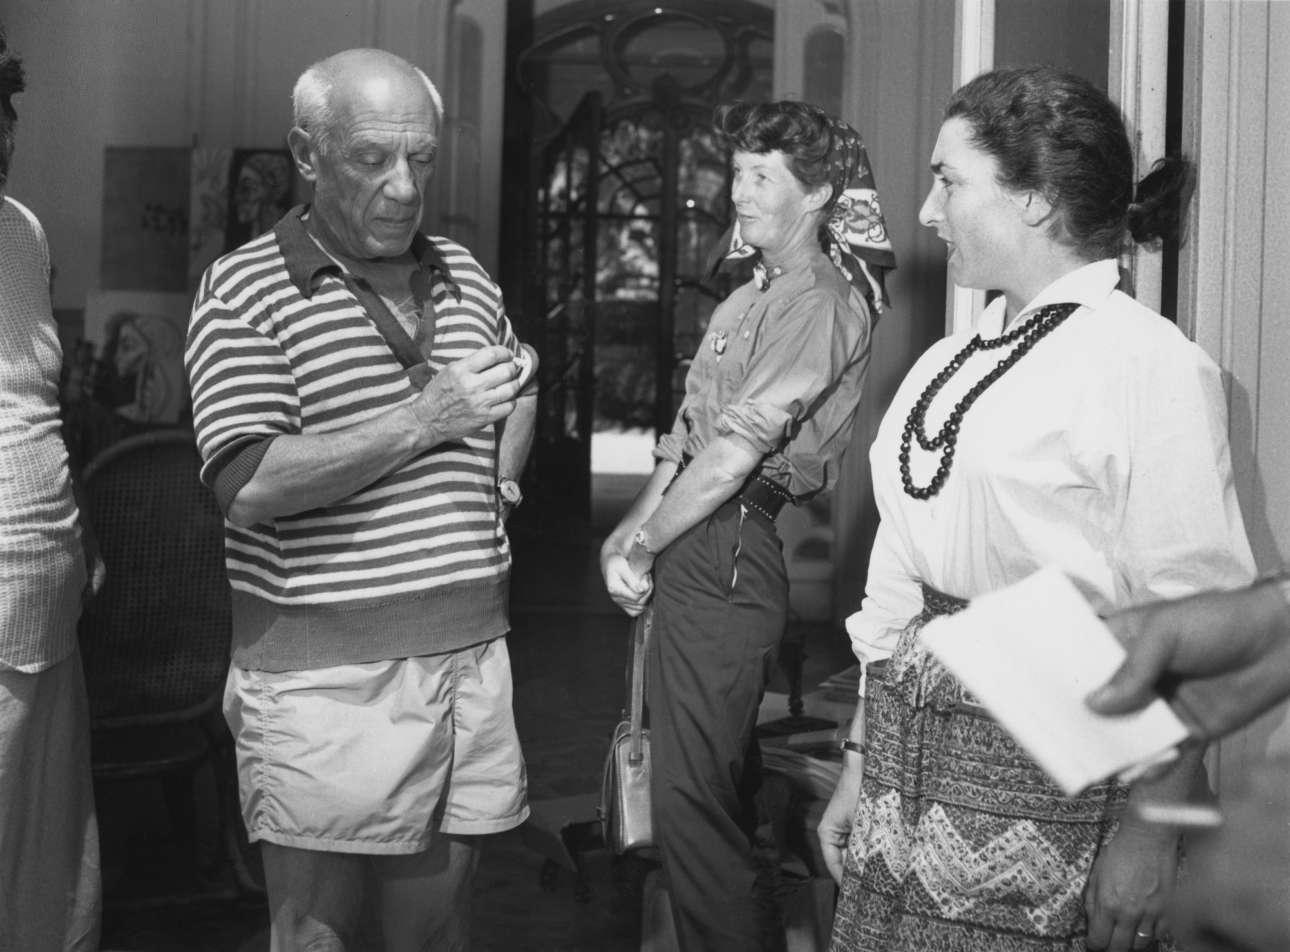 Στο σπίτι του στις Κάννες με την Ζακλίν Ροκ (δεξιά), το 1955. Η Ροκ υπήρξε μοντέλο για τους πίνακές του. Παντρεύτηκαν το 1961